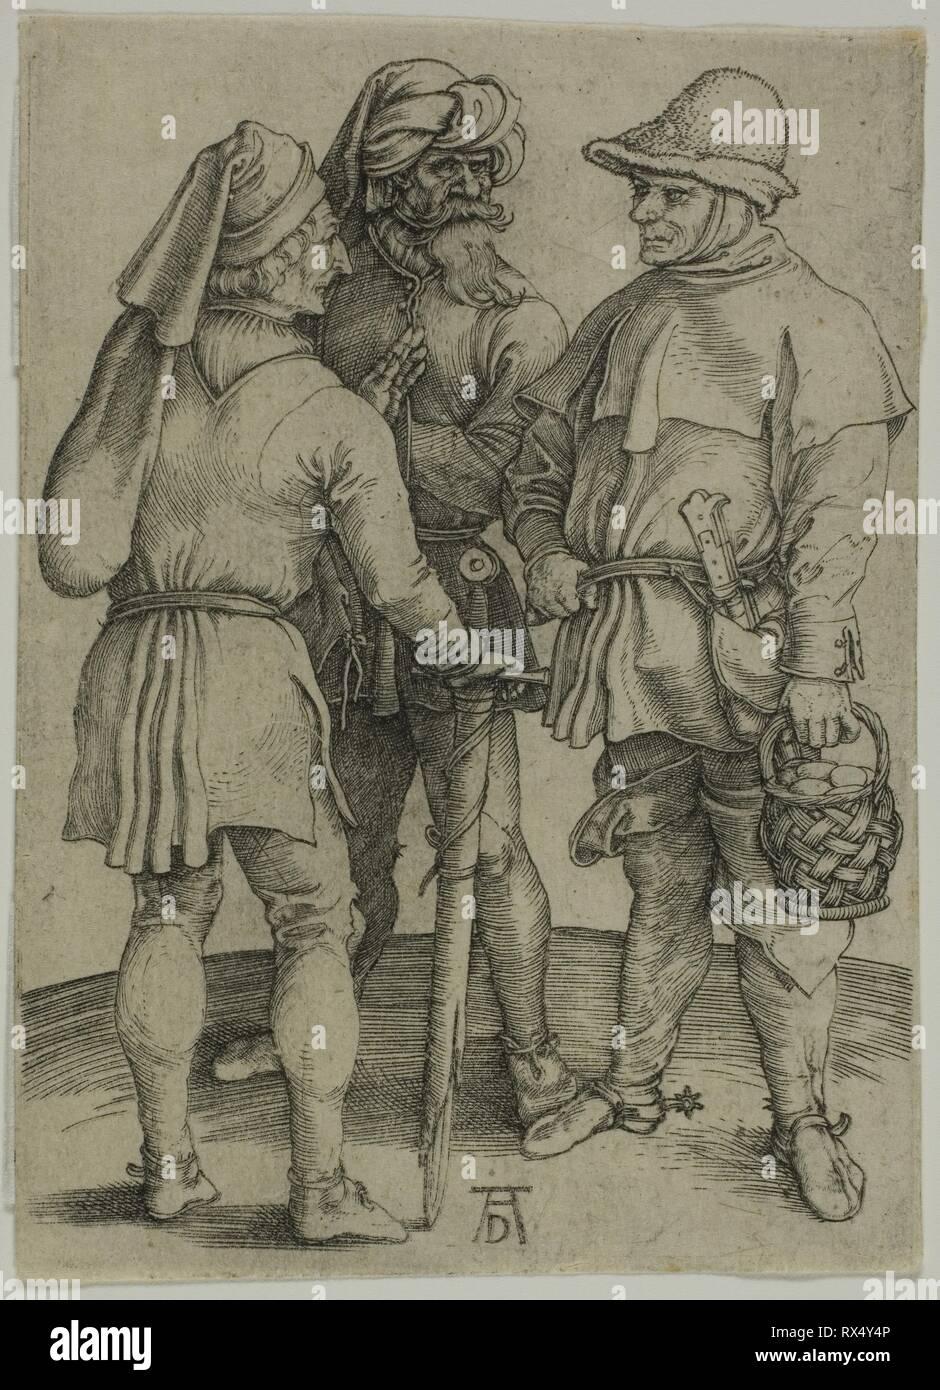 Tre contadini nella conversazione. Albrecht Dürer; Tedesco, 1471-1528. Data: 1492-1502. Dimensioni: 108 x 78 mm (l'immagine/foglio). Incisione in nero su avorio di cui la carta. Origine: Germania. Museo: Chicago Art Institute. Immagini Stock